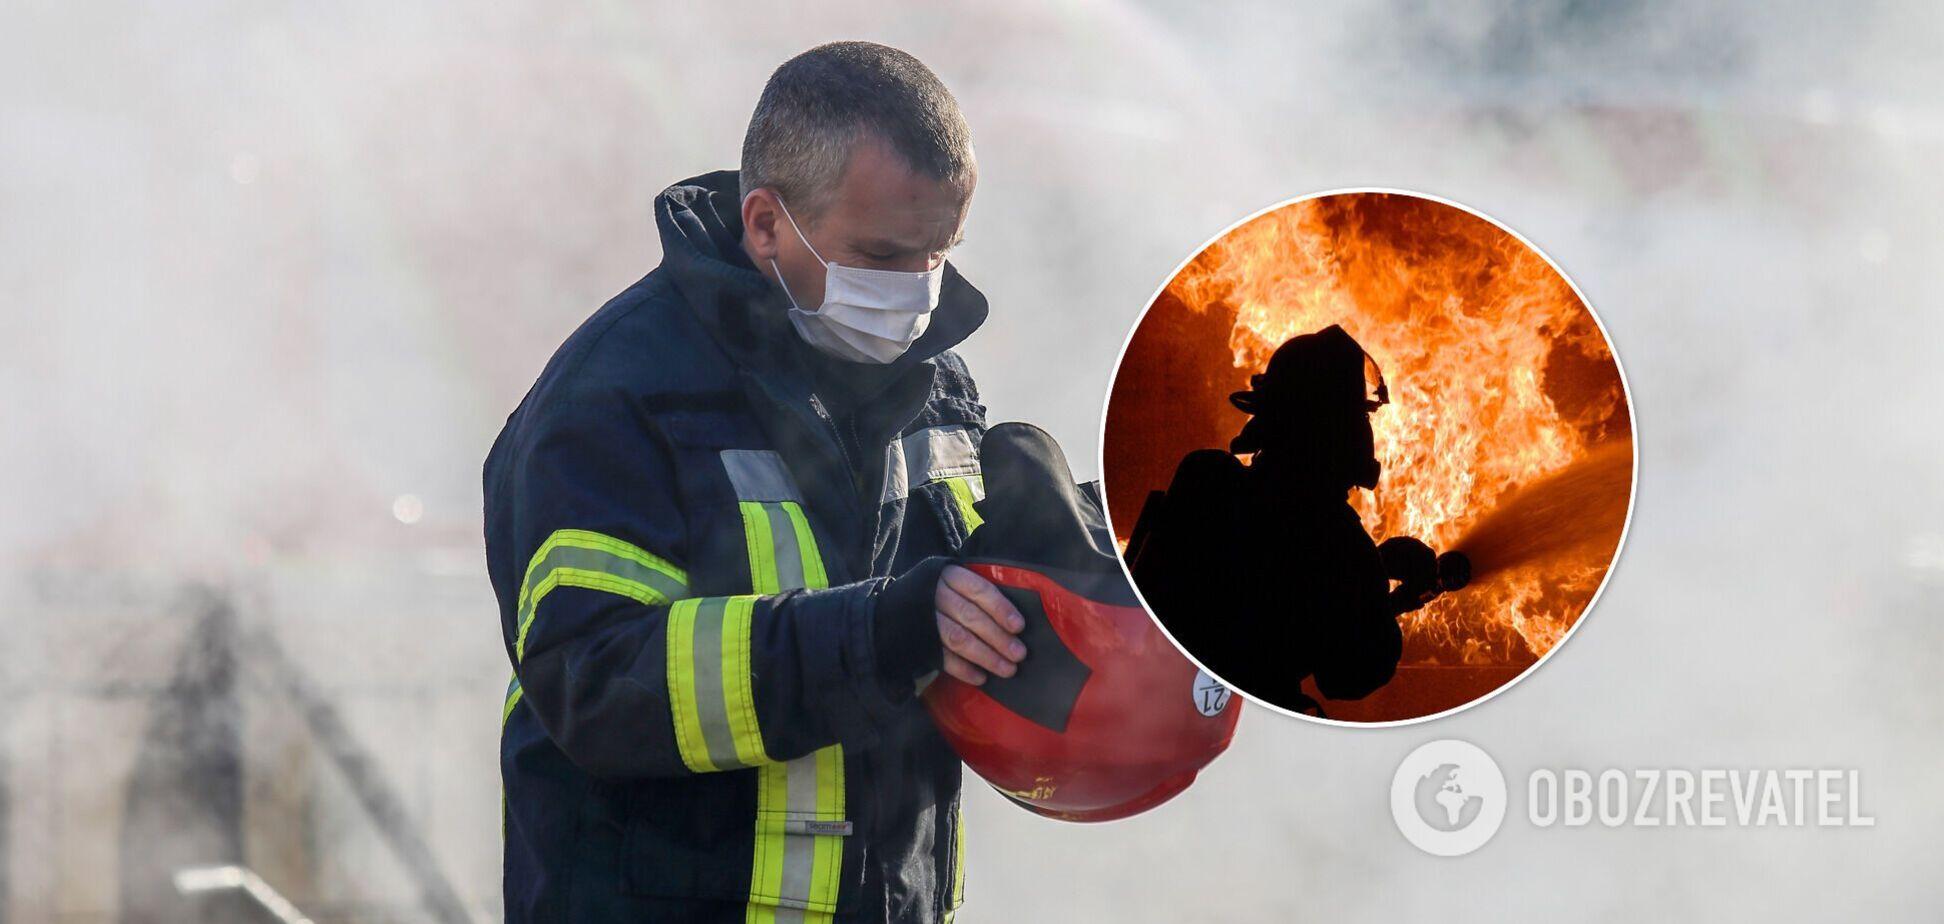 Рятувальники виявили киянина під час гасіння вогню